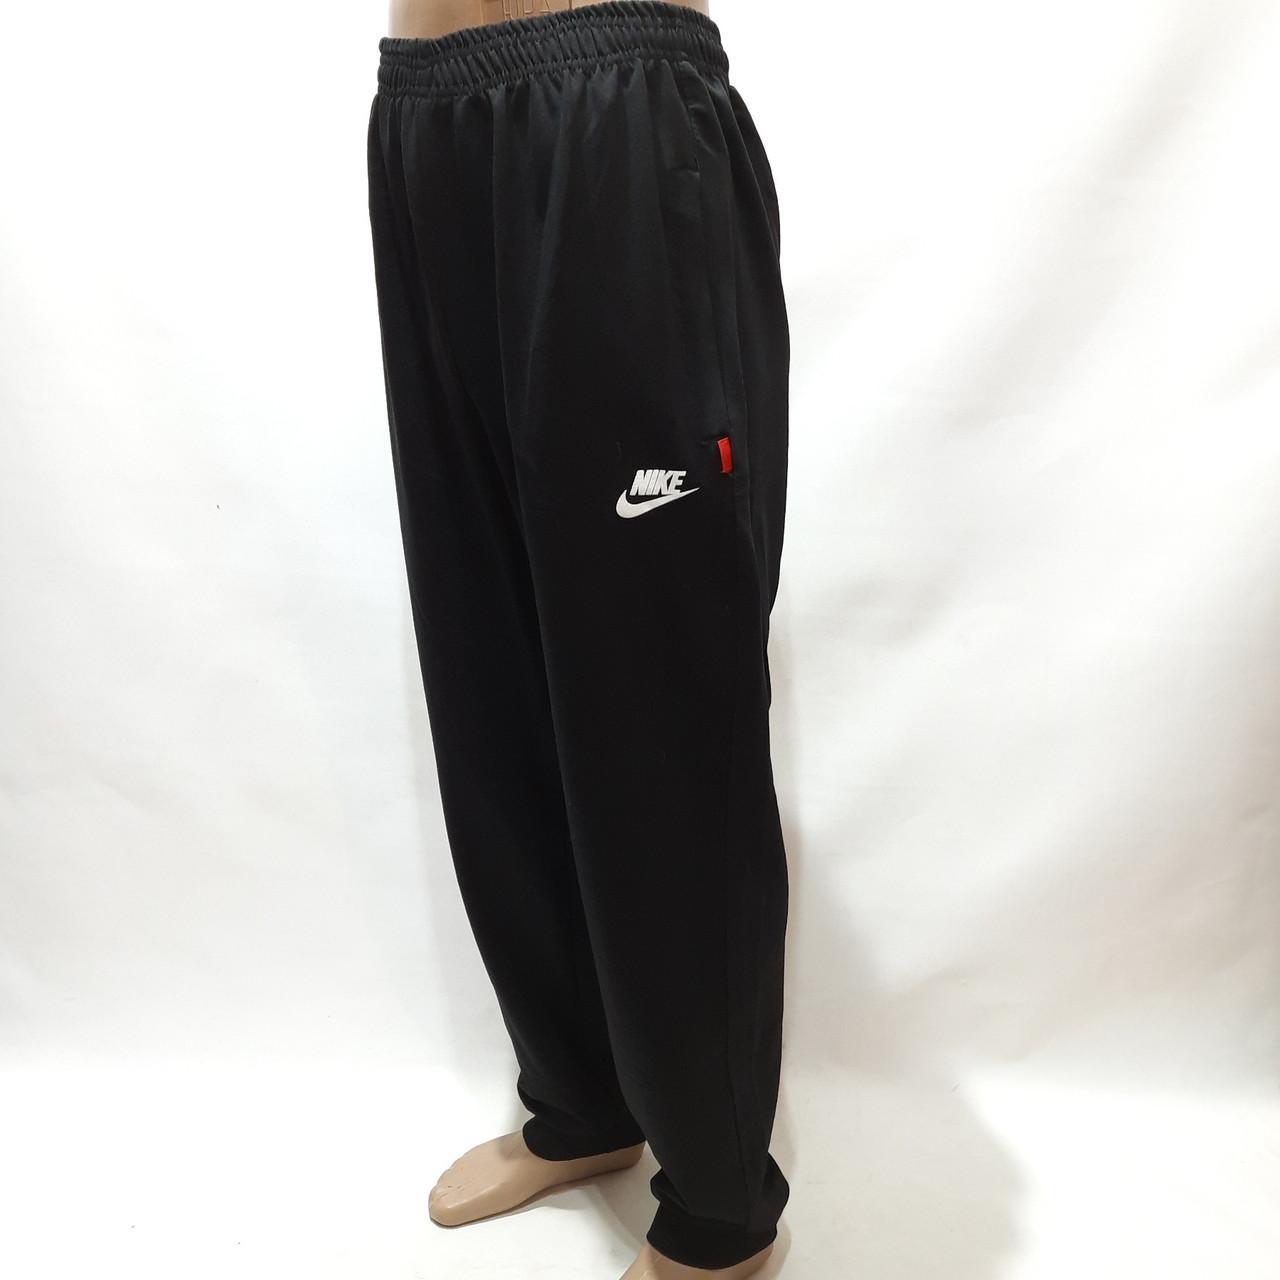 Мужские штаны под манжет в стиле Nike (Больших размеров) 56,58,60,62,64 отличного качества черные